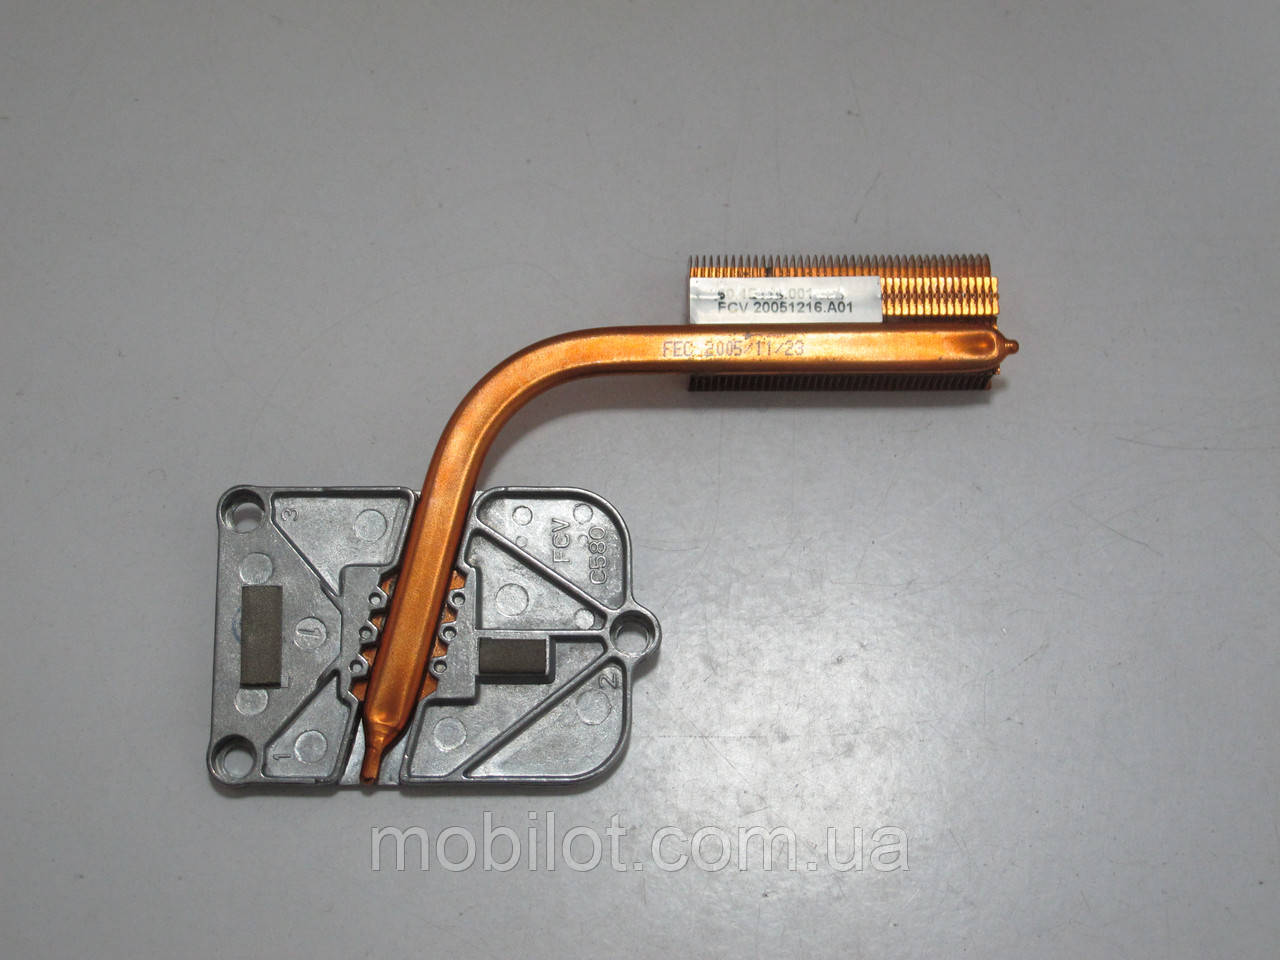 Система охлаждения Acer 2410 (NZ-7139)